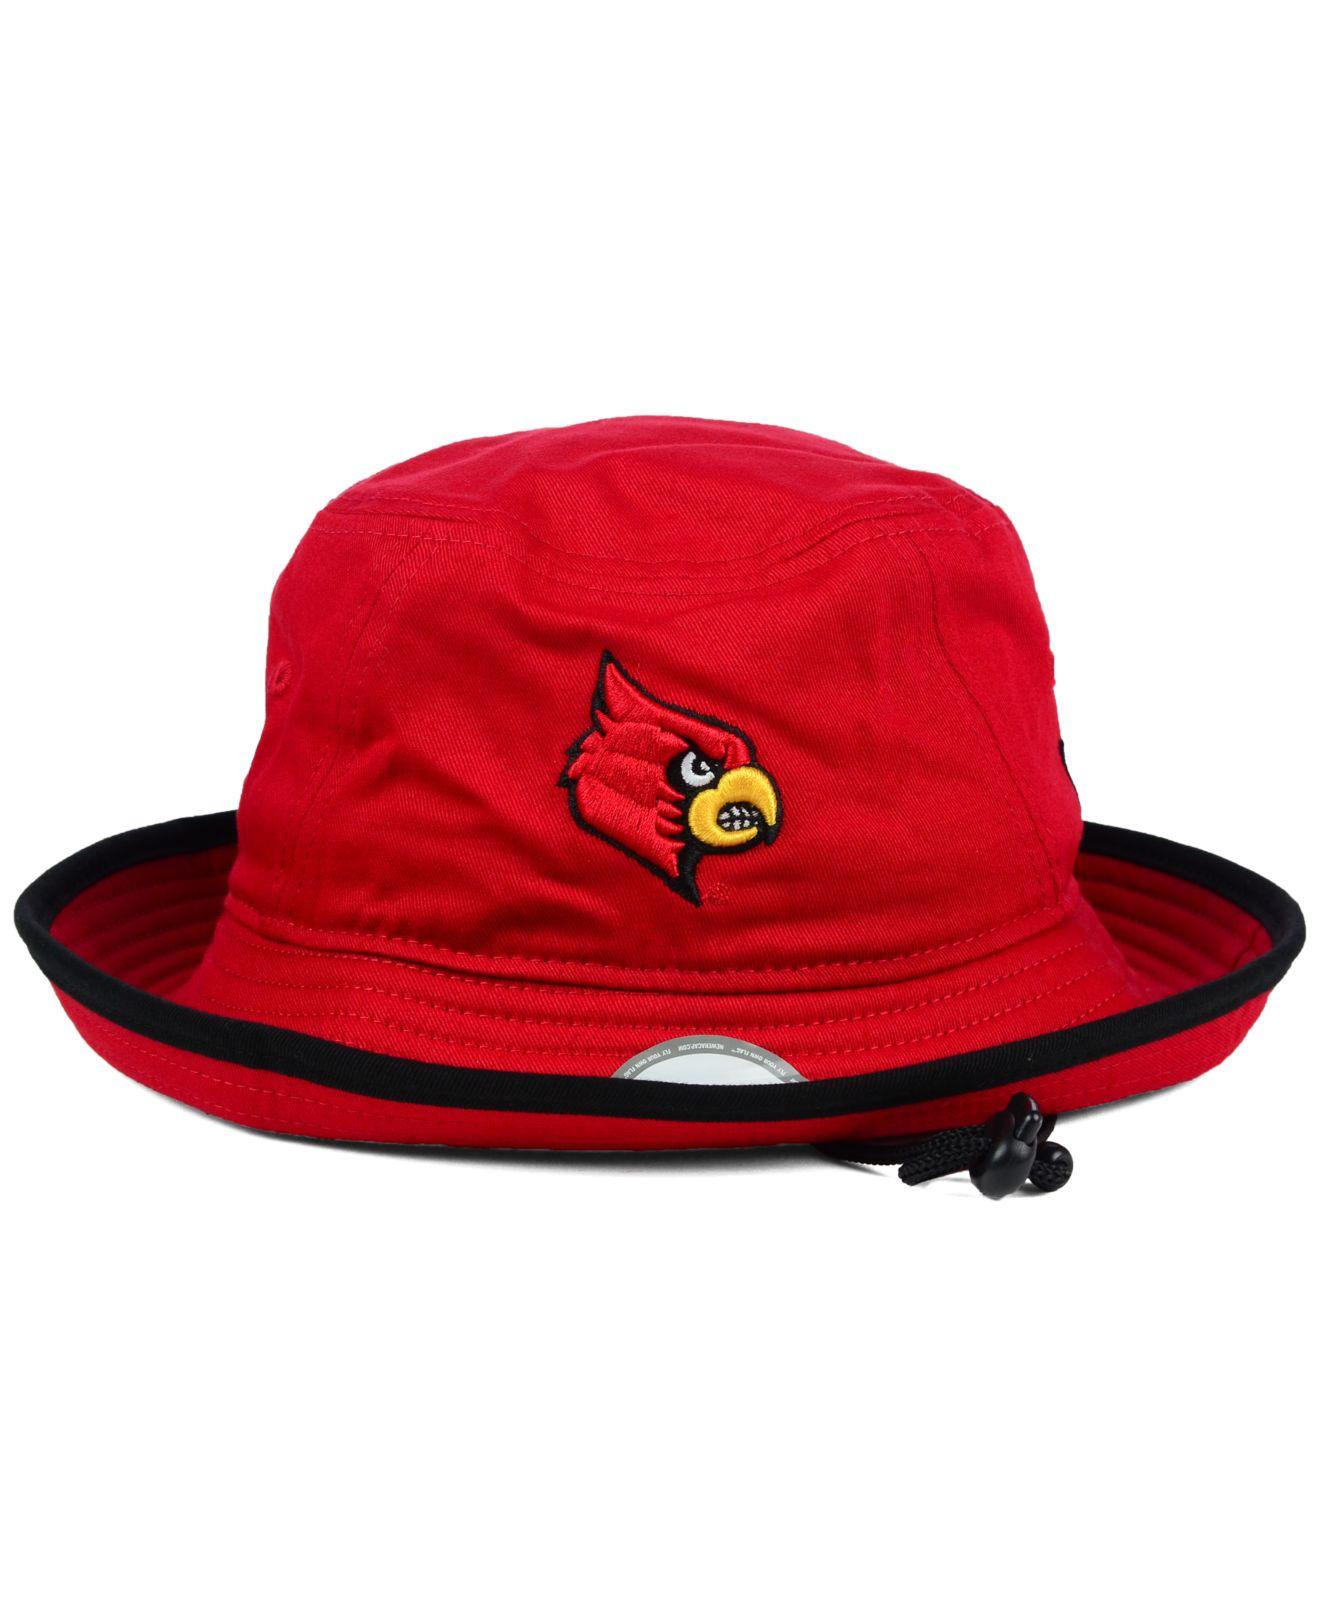 best website 85f7b 53e5e ... greece lyst ktz louisville cardinals tip bucket hat in red for men  86f5d 10ac0